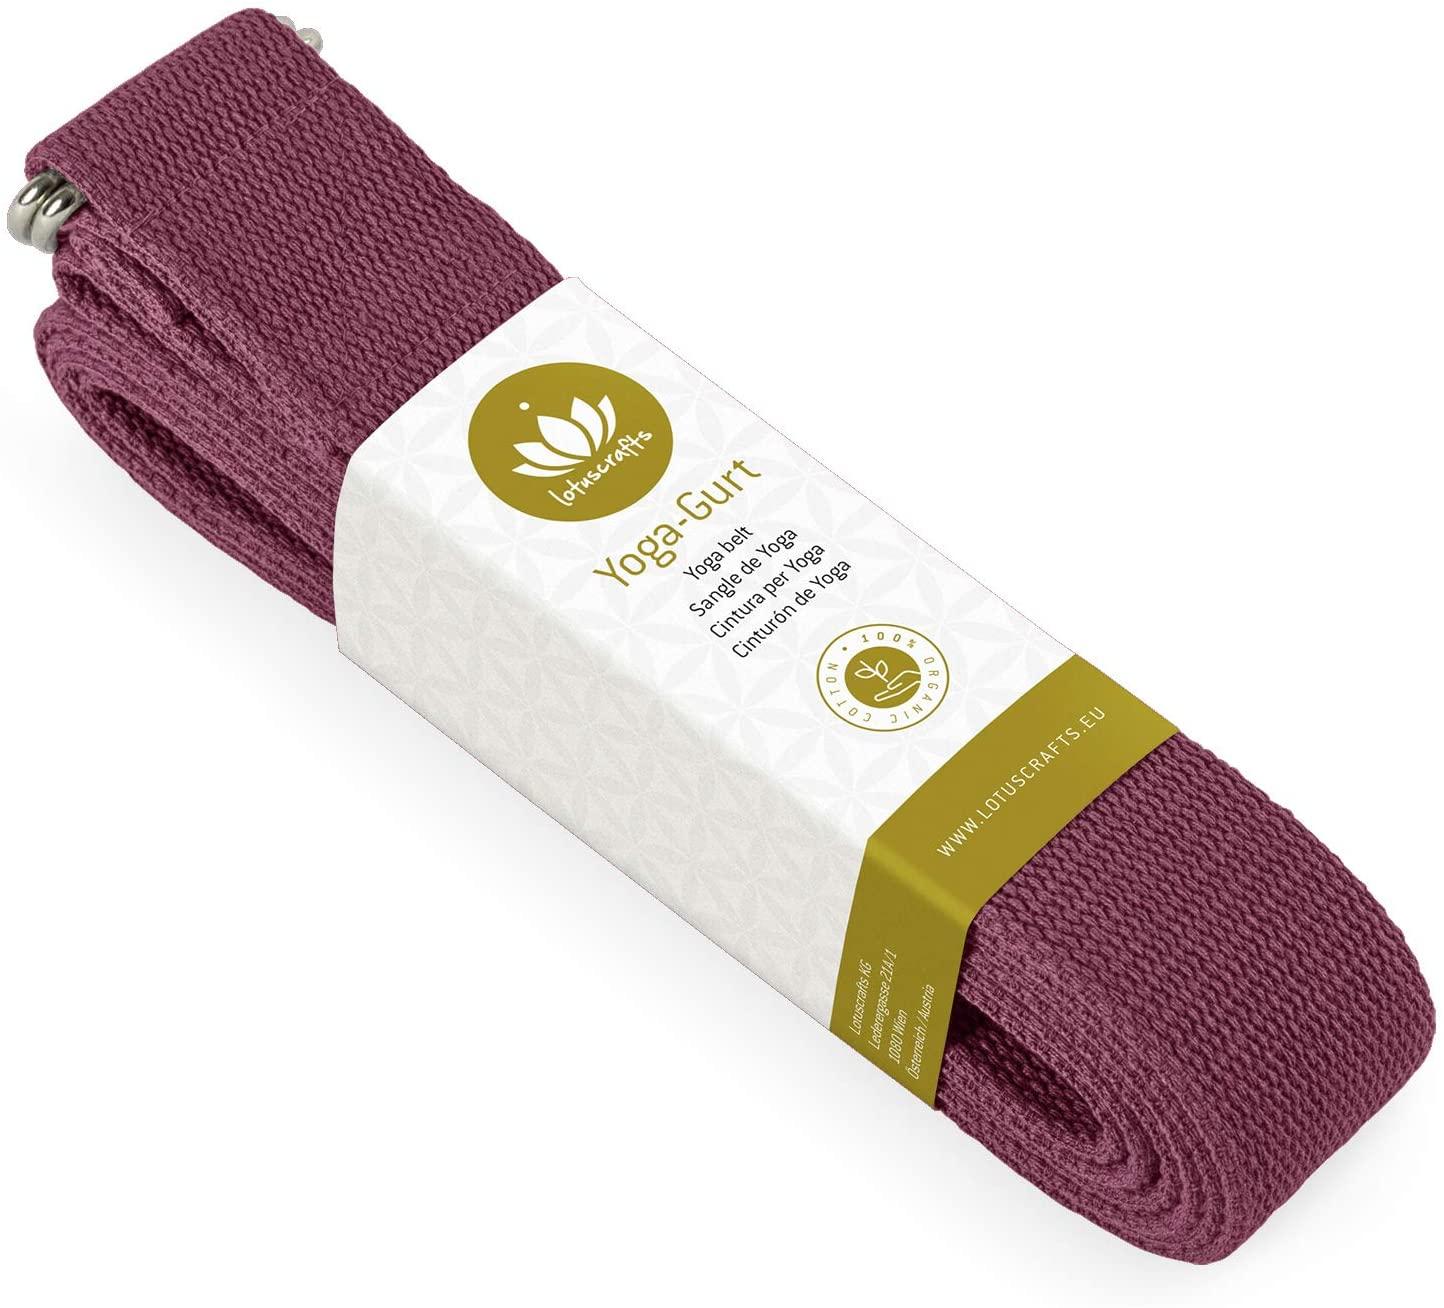 Lotuscrafts Yoga Cinturon Algodon - 100% Algodon (Cultivo Biológico) - Correa Yoga Algodon para Mejores Estiramientos - Cinturón de Yoga con...